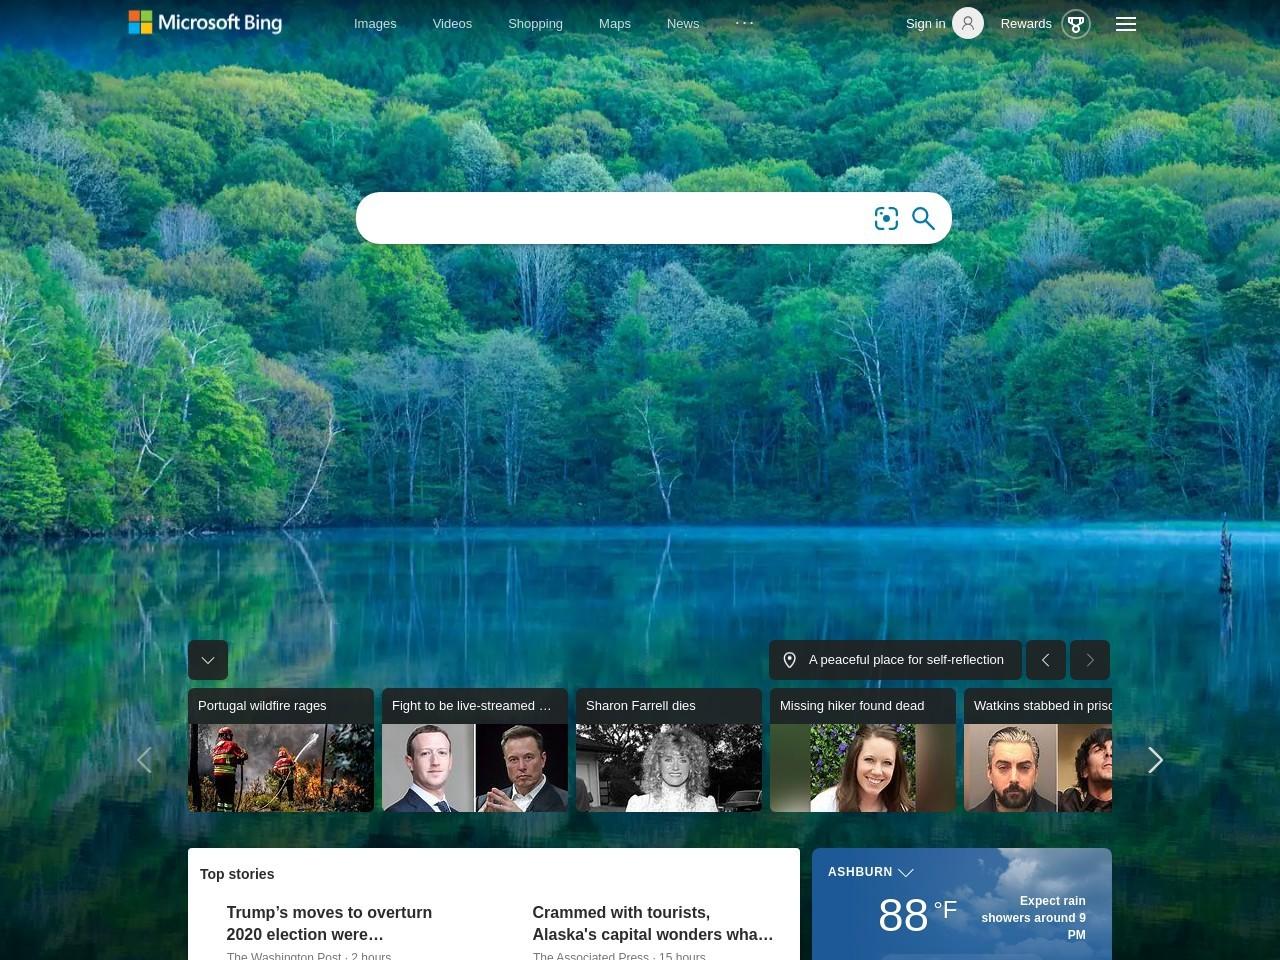 微软 Bing 搜索 - 国内版